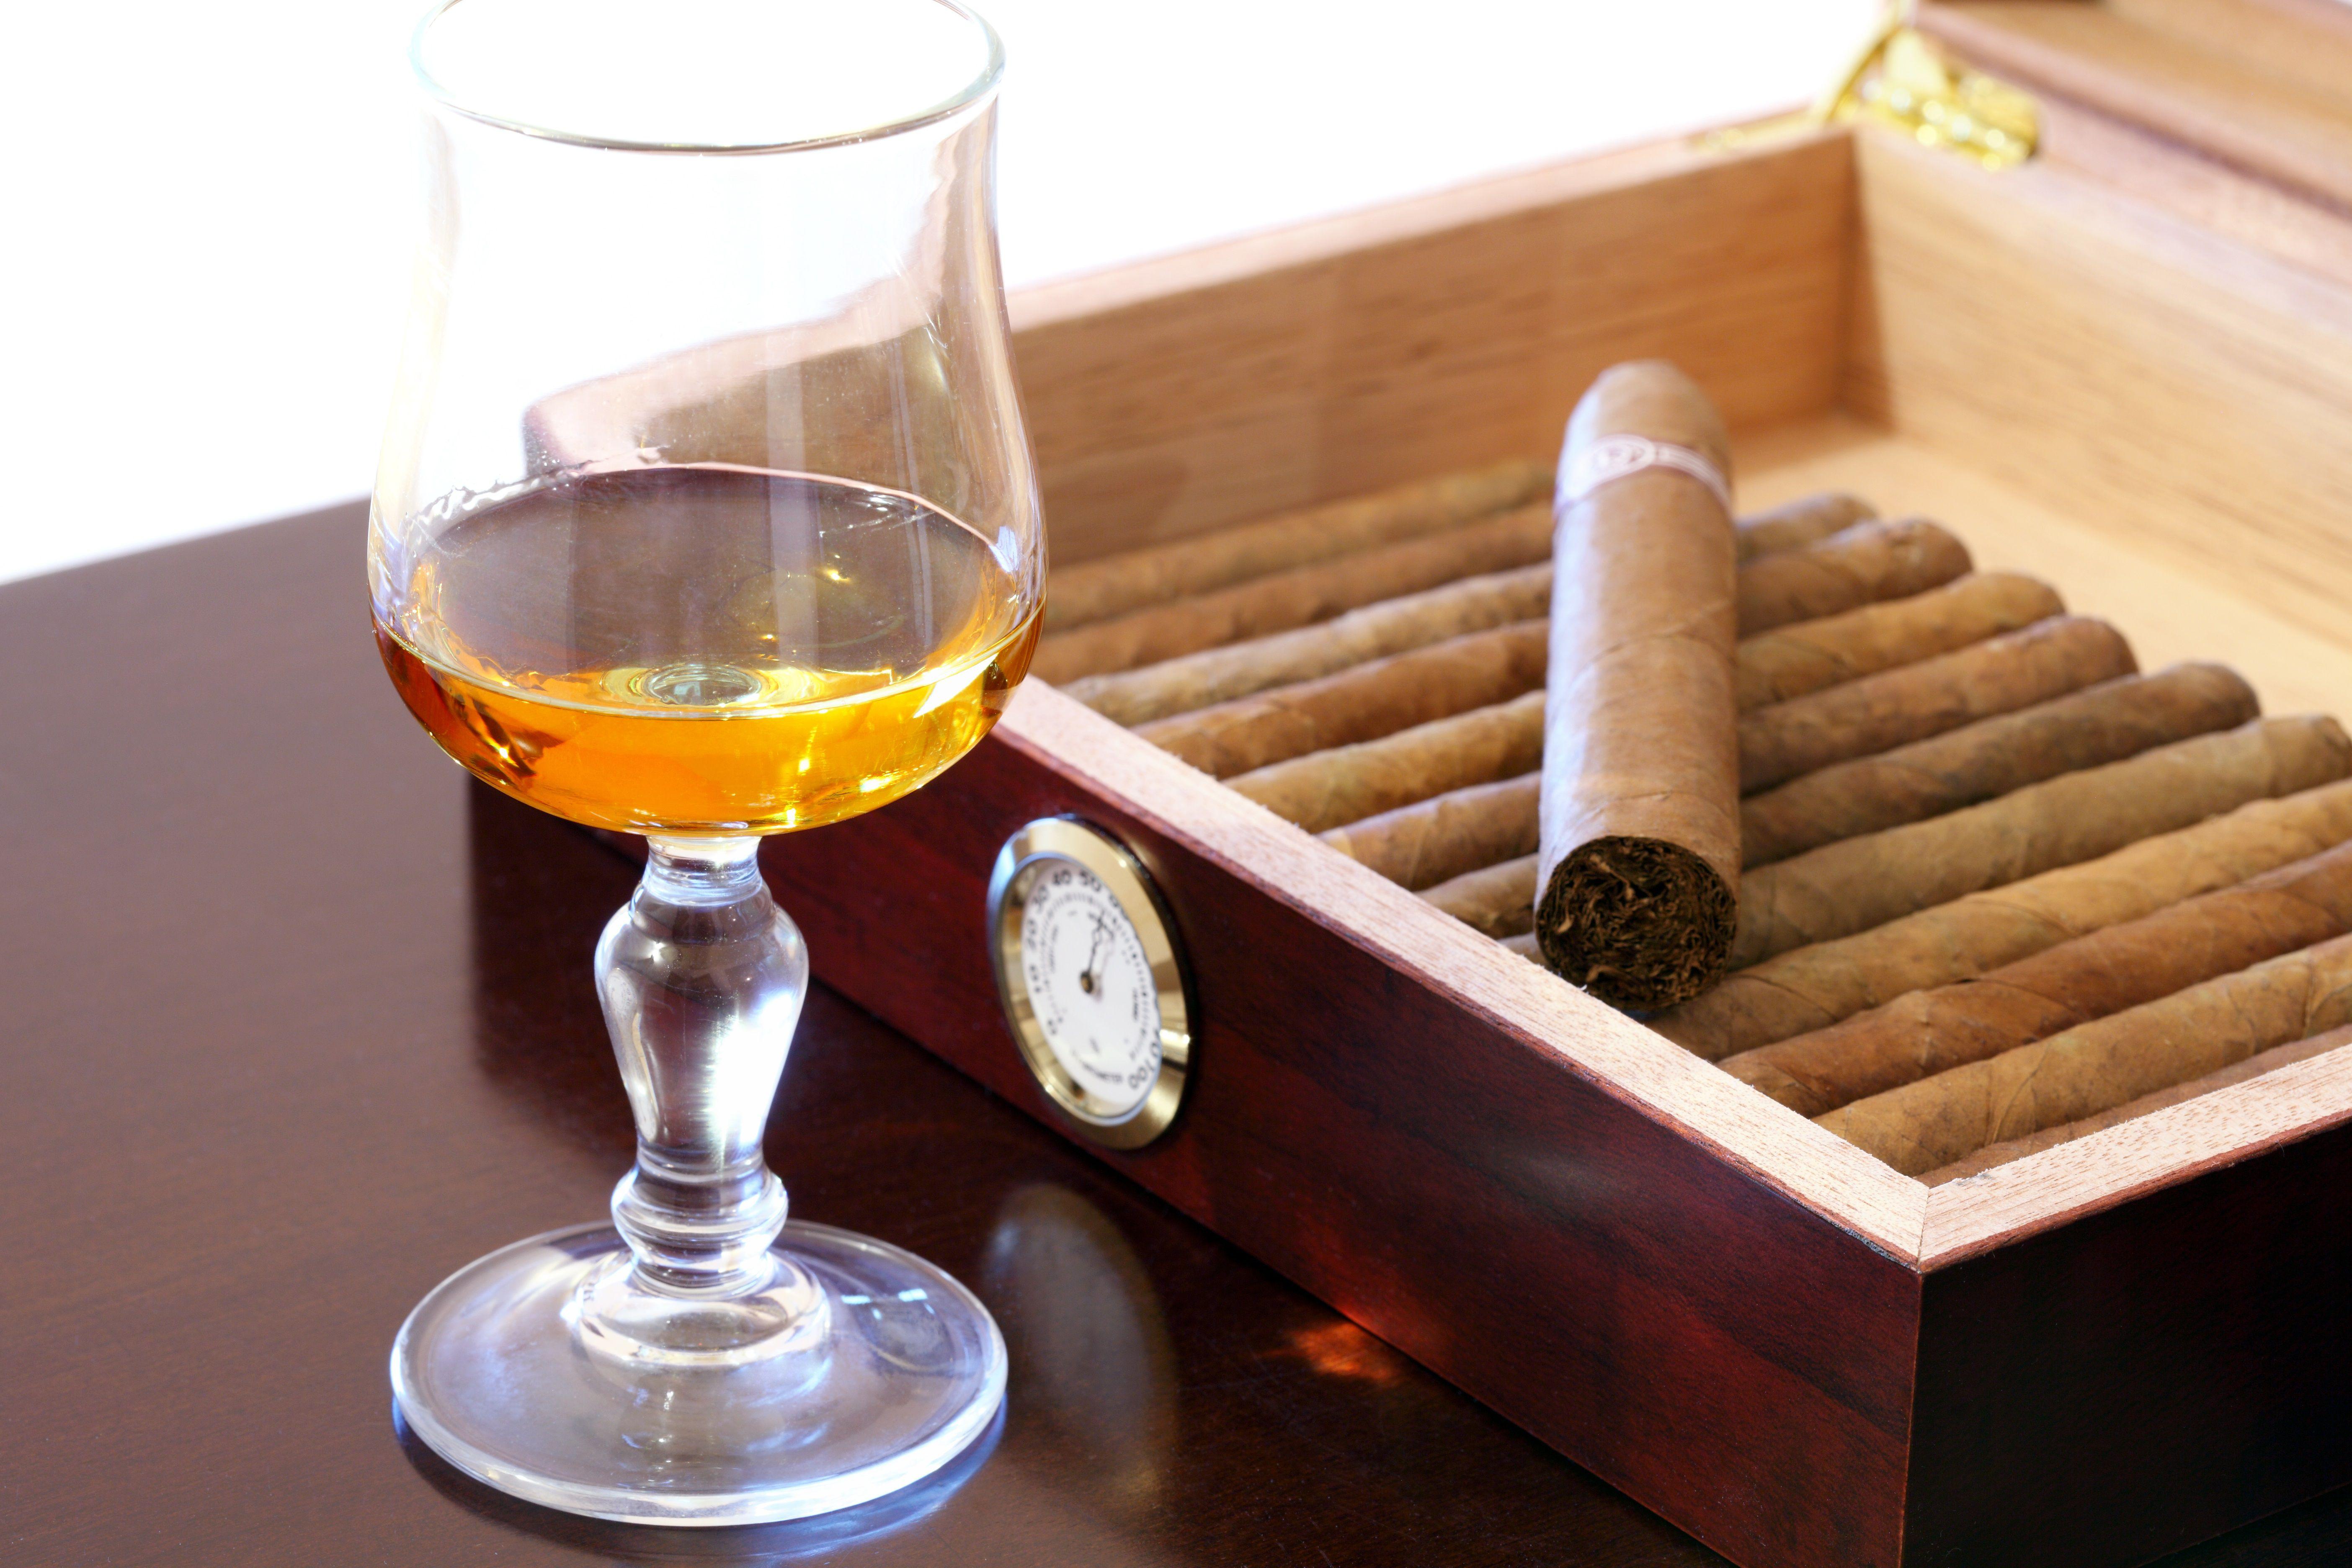 Cigar Slideshow How to Smoke a Cigar